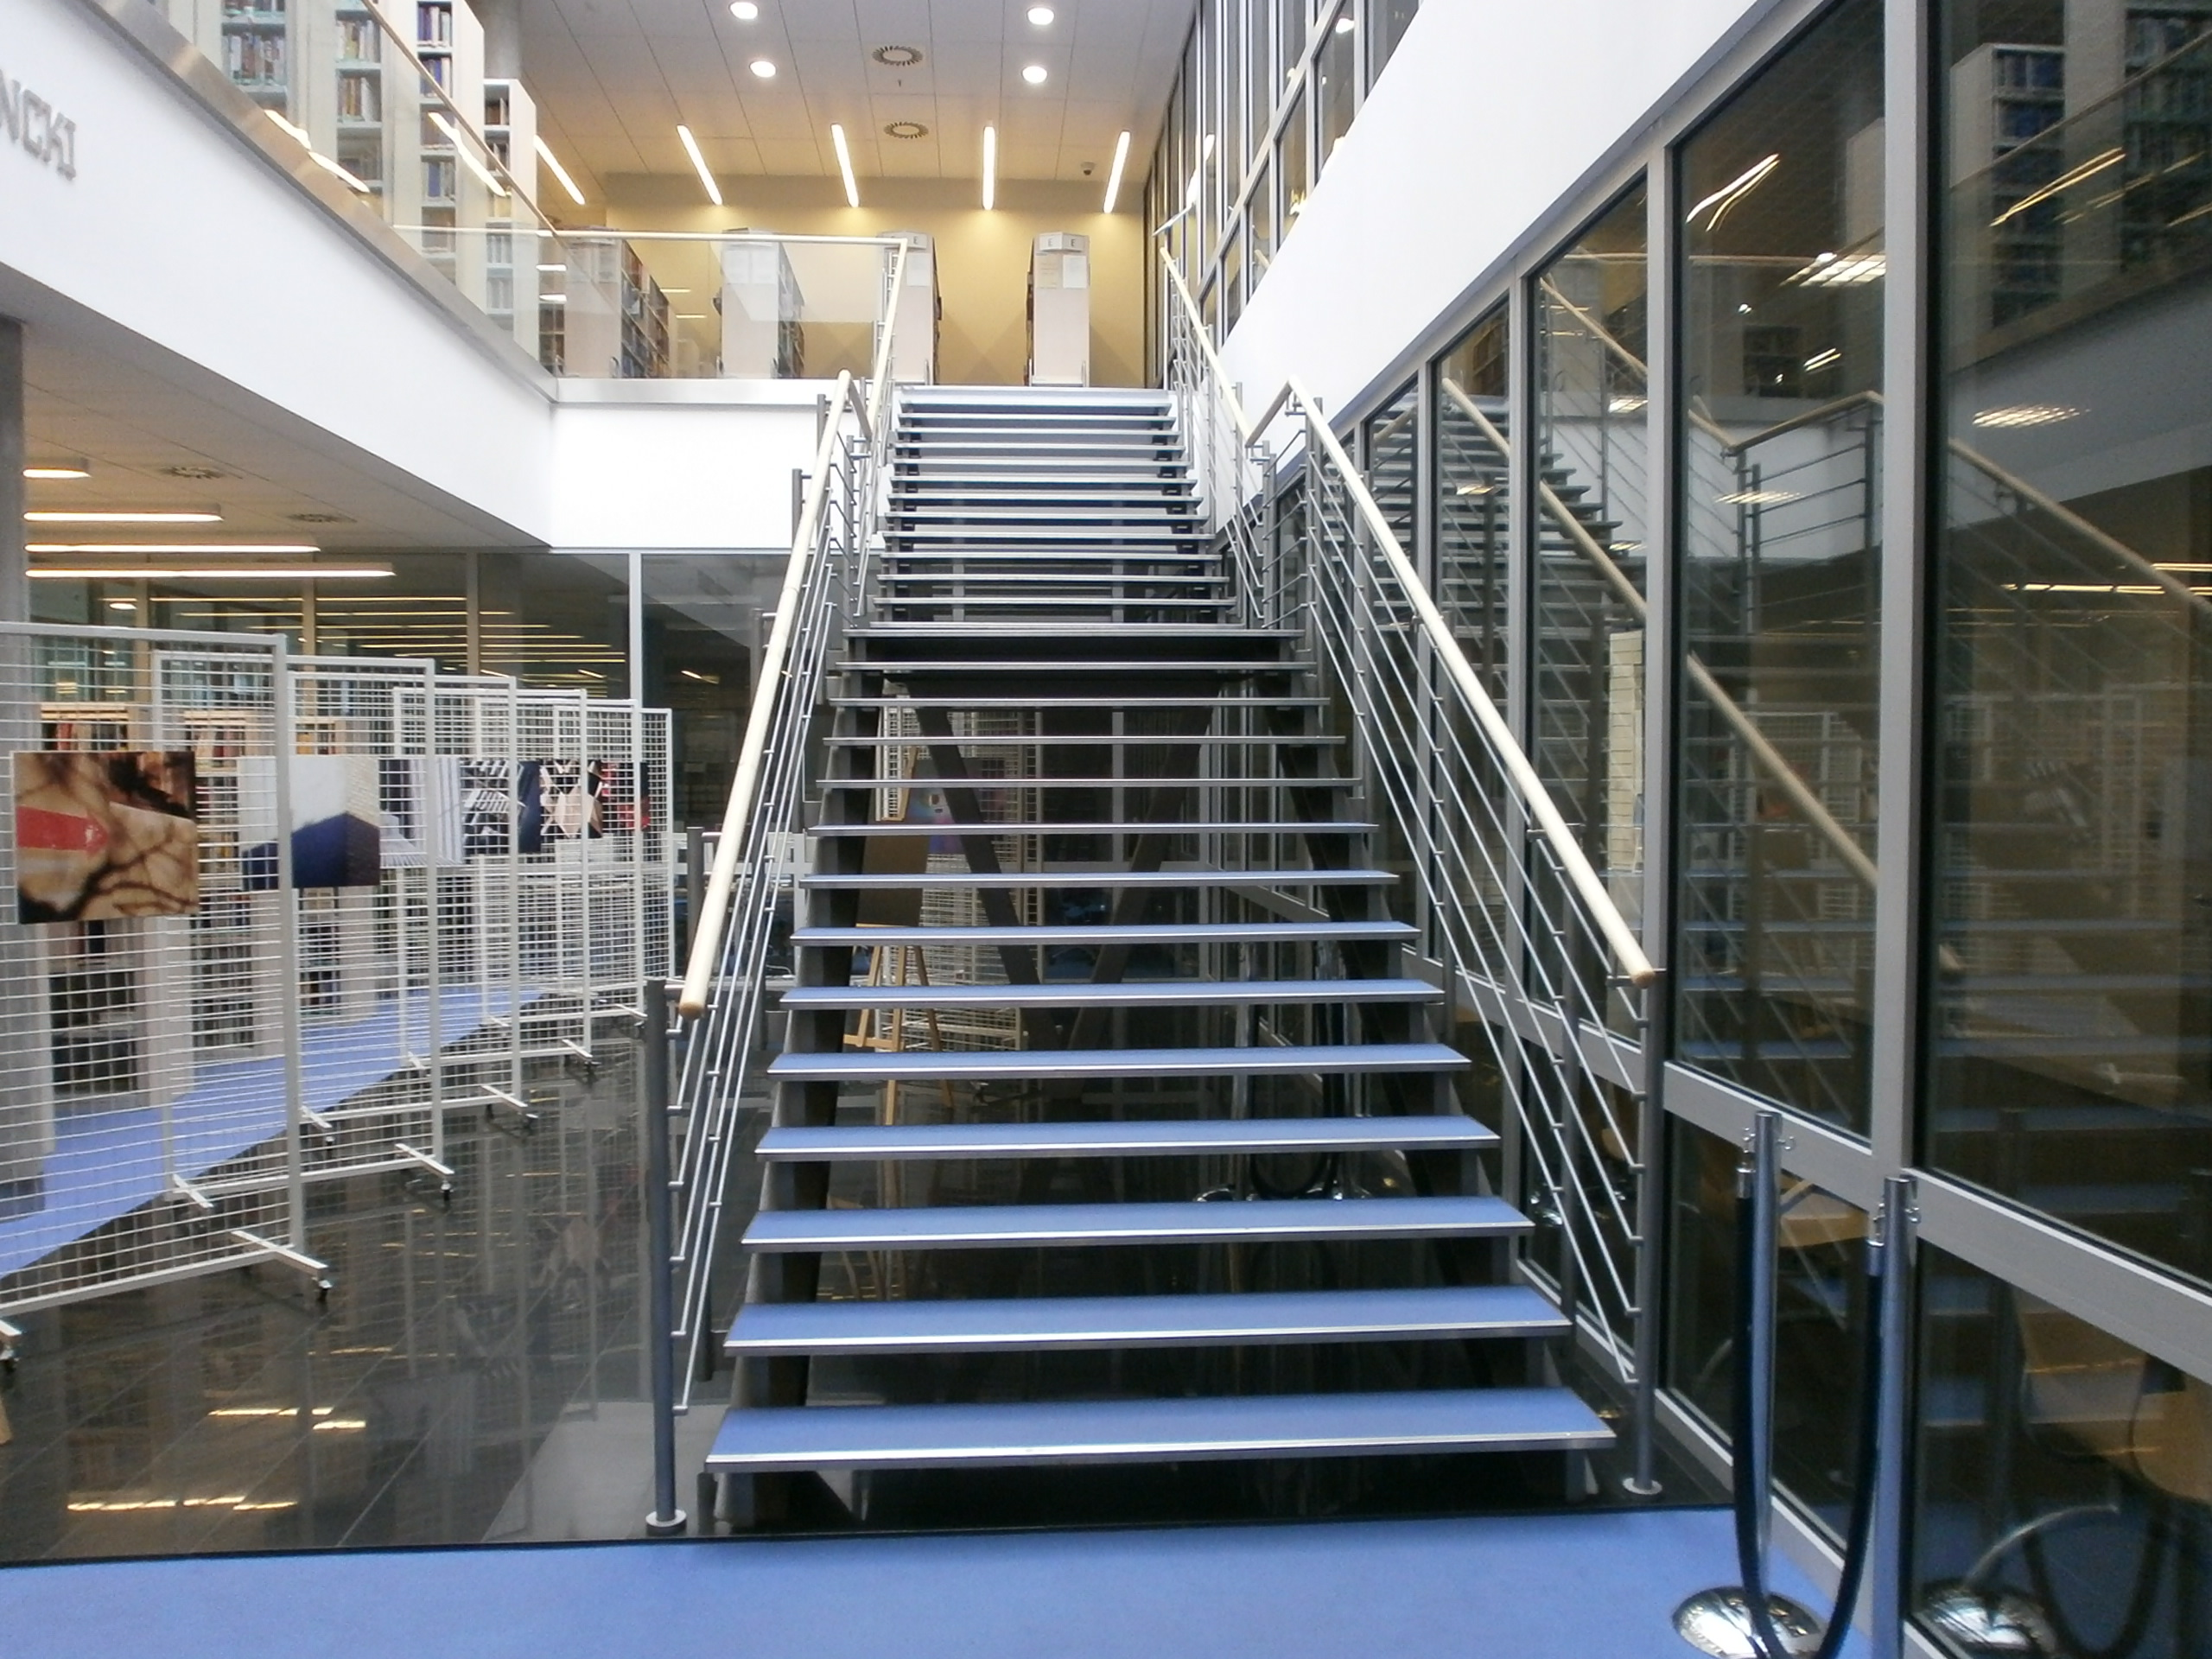 Wejście do czytelni po schodach wprost z wypożyczalni